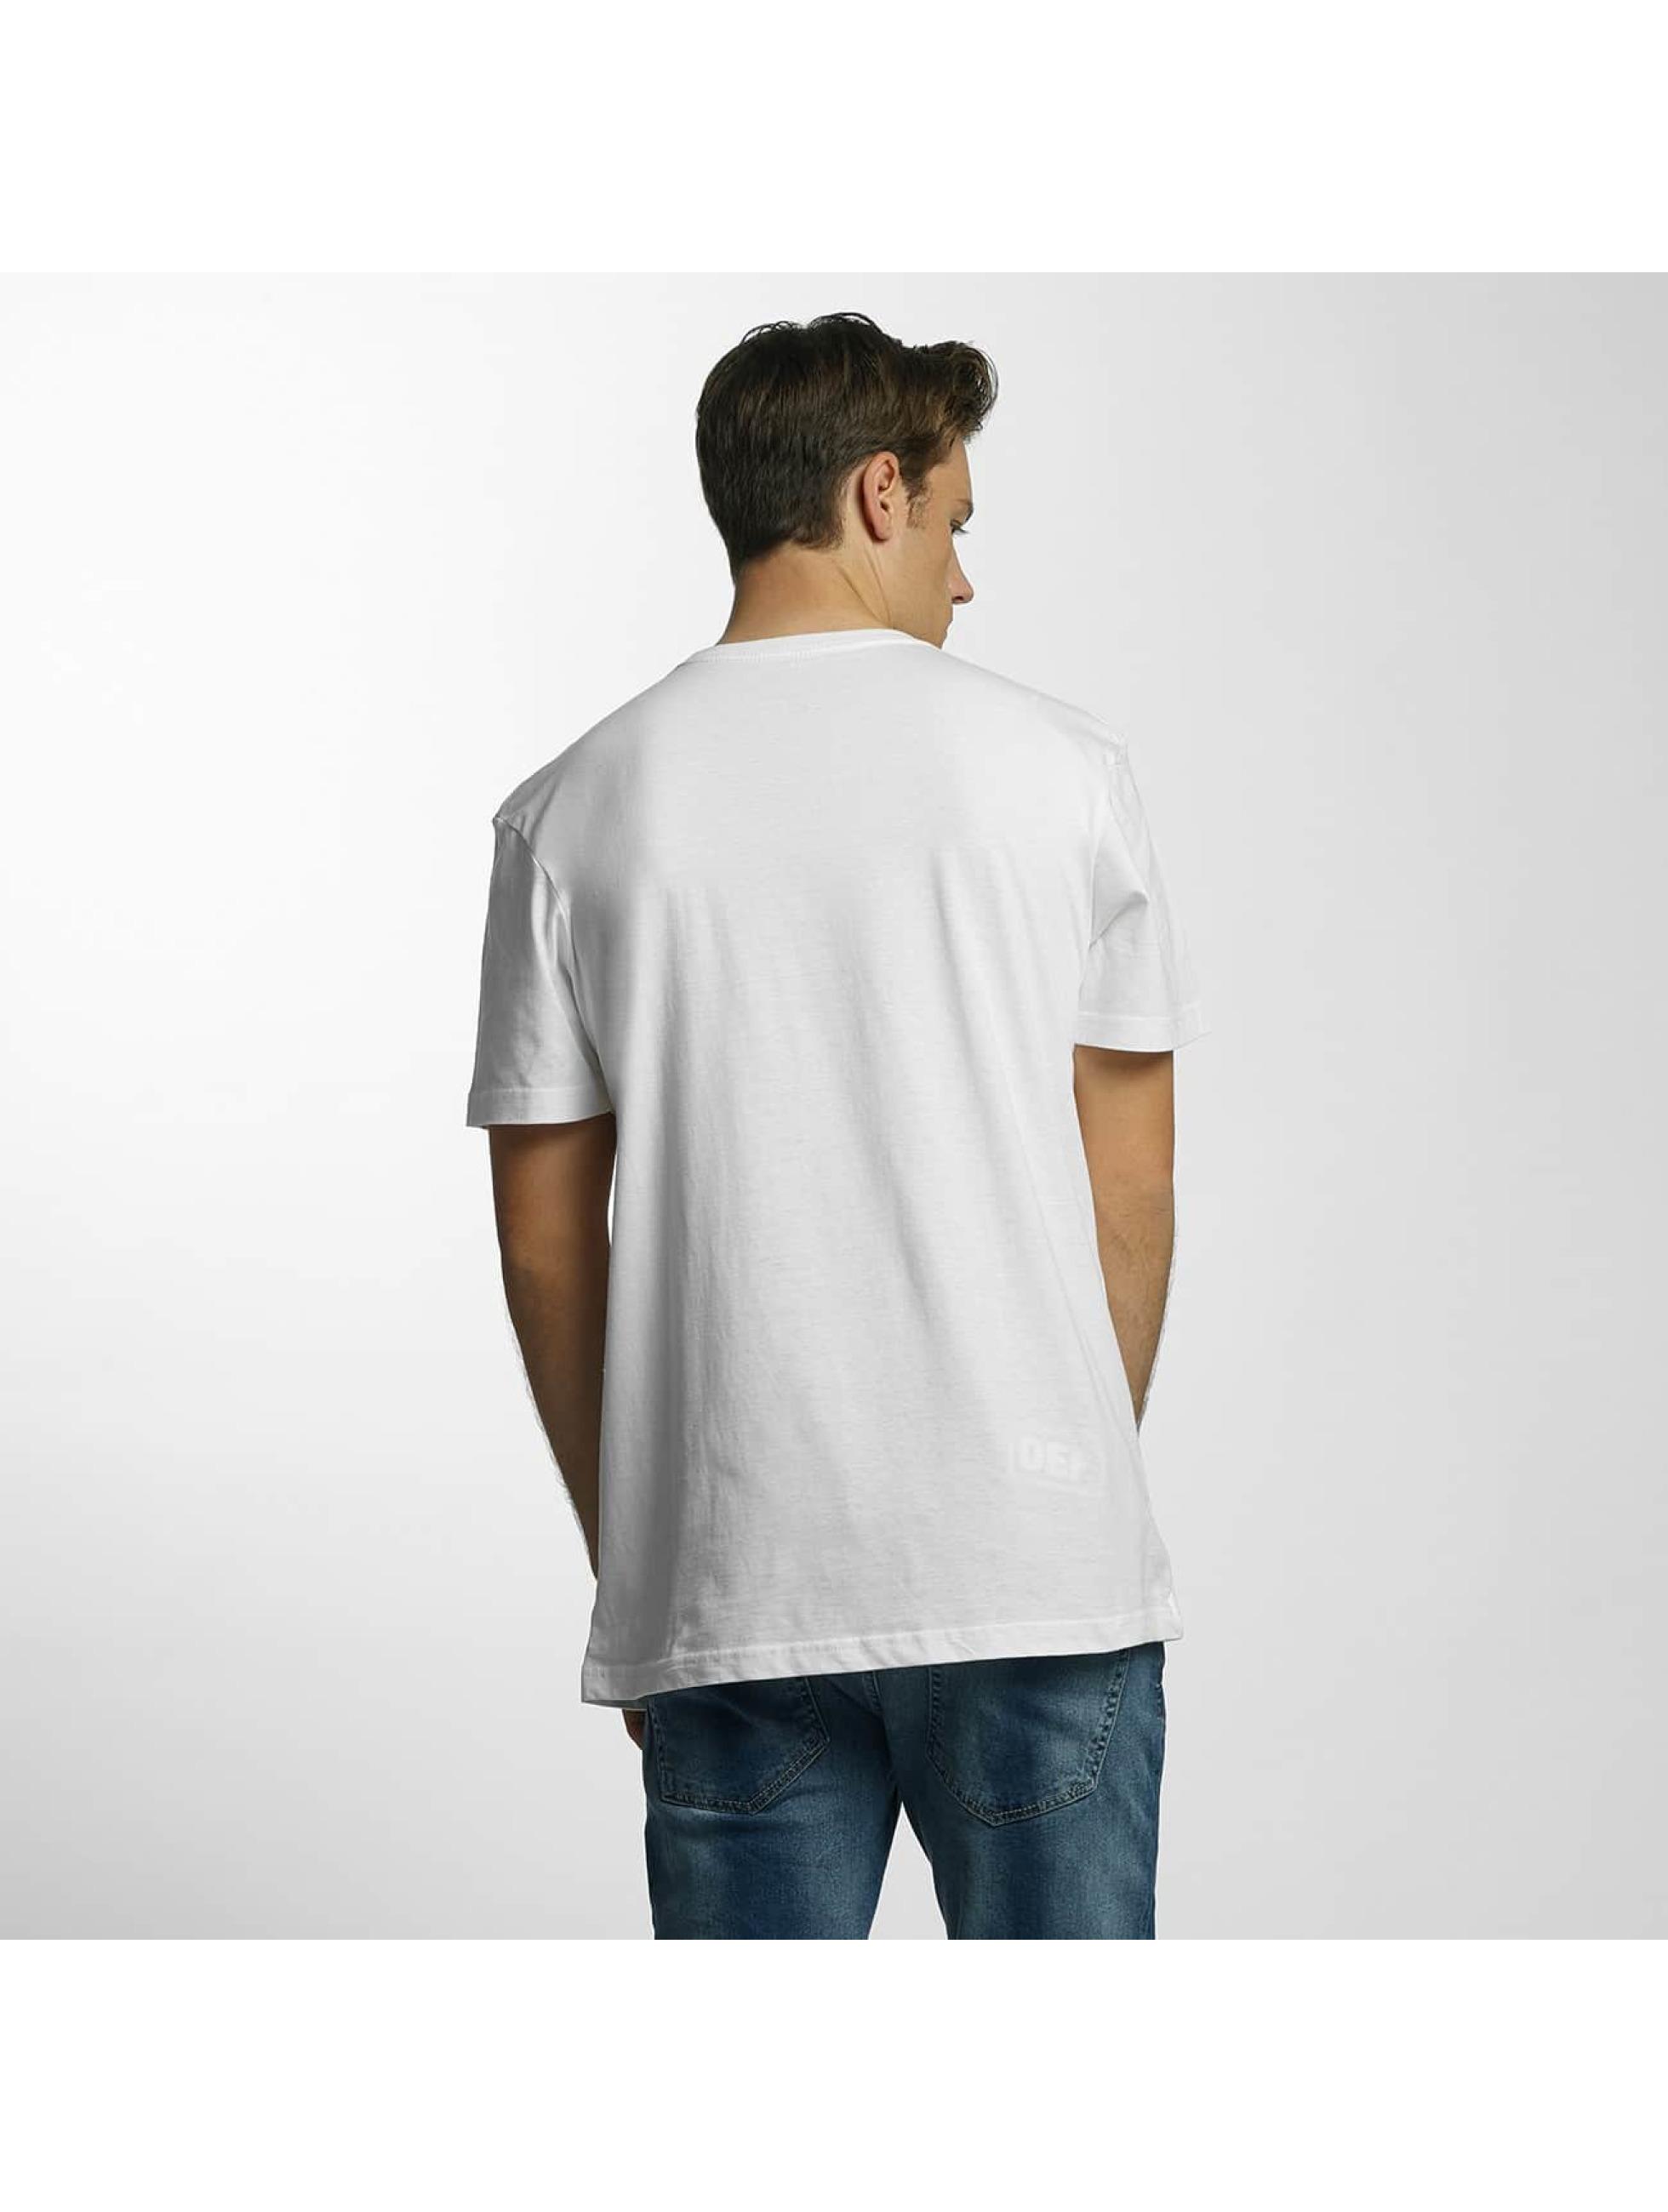 Quiksilver t-shirt Classic Comfort Place wit